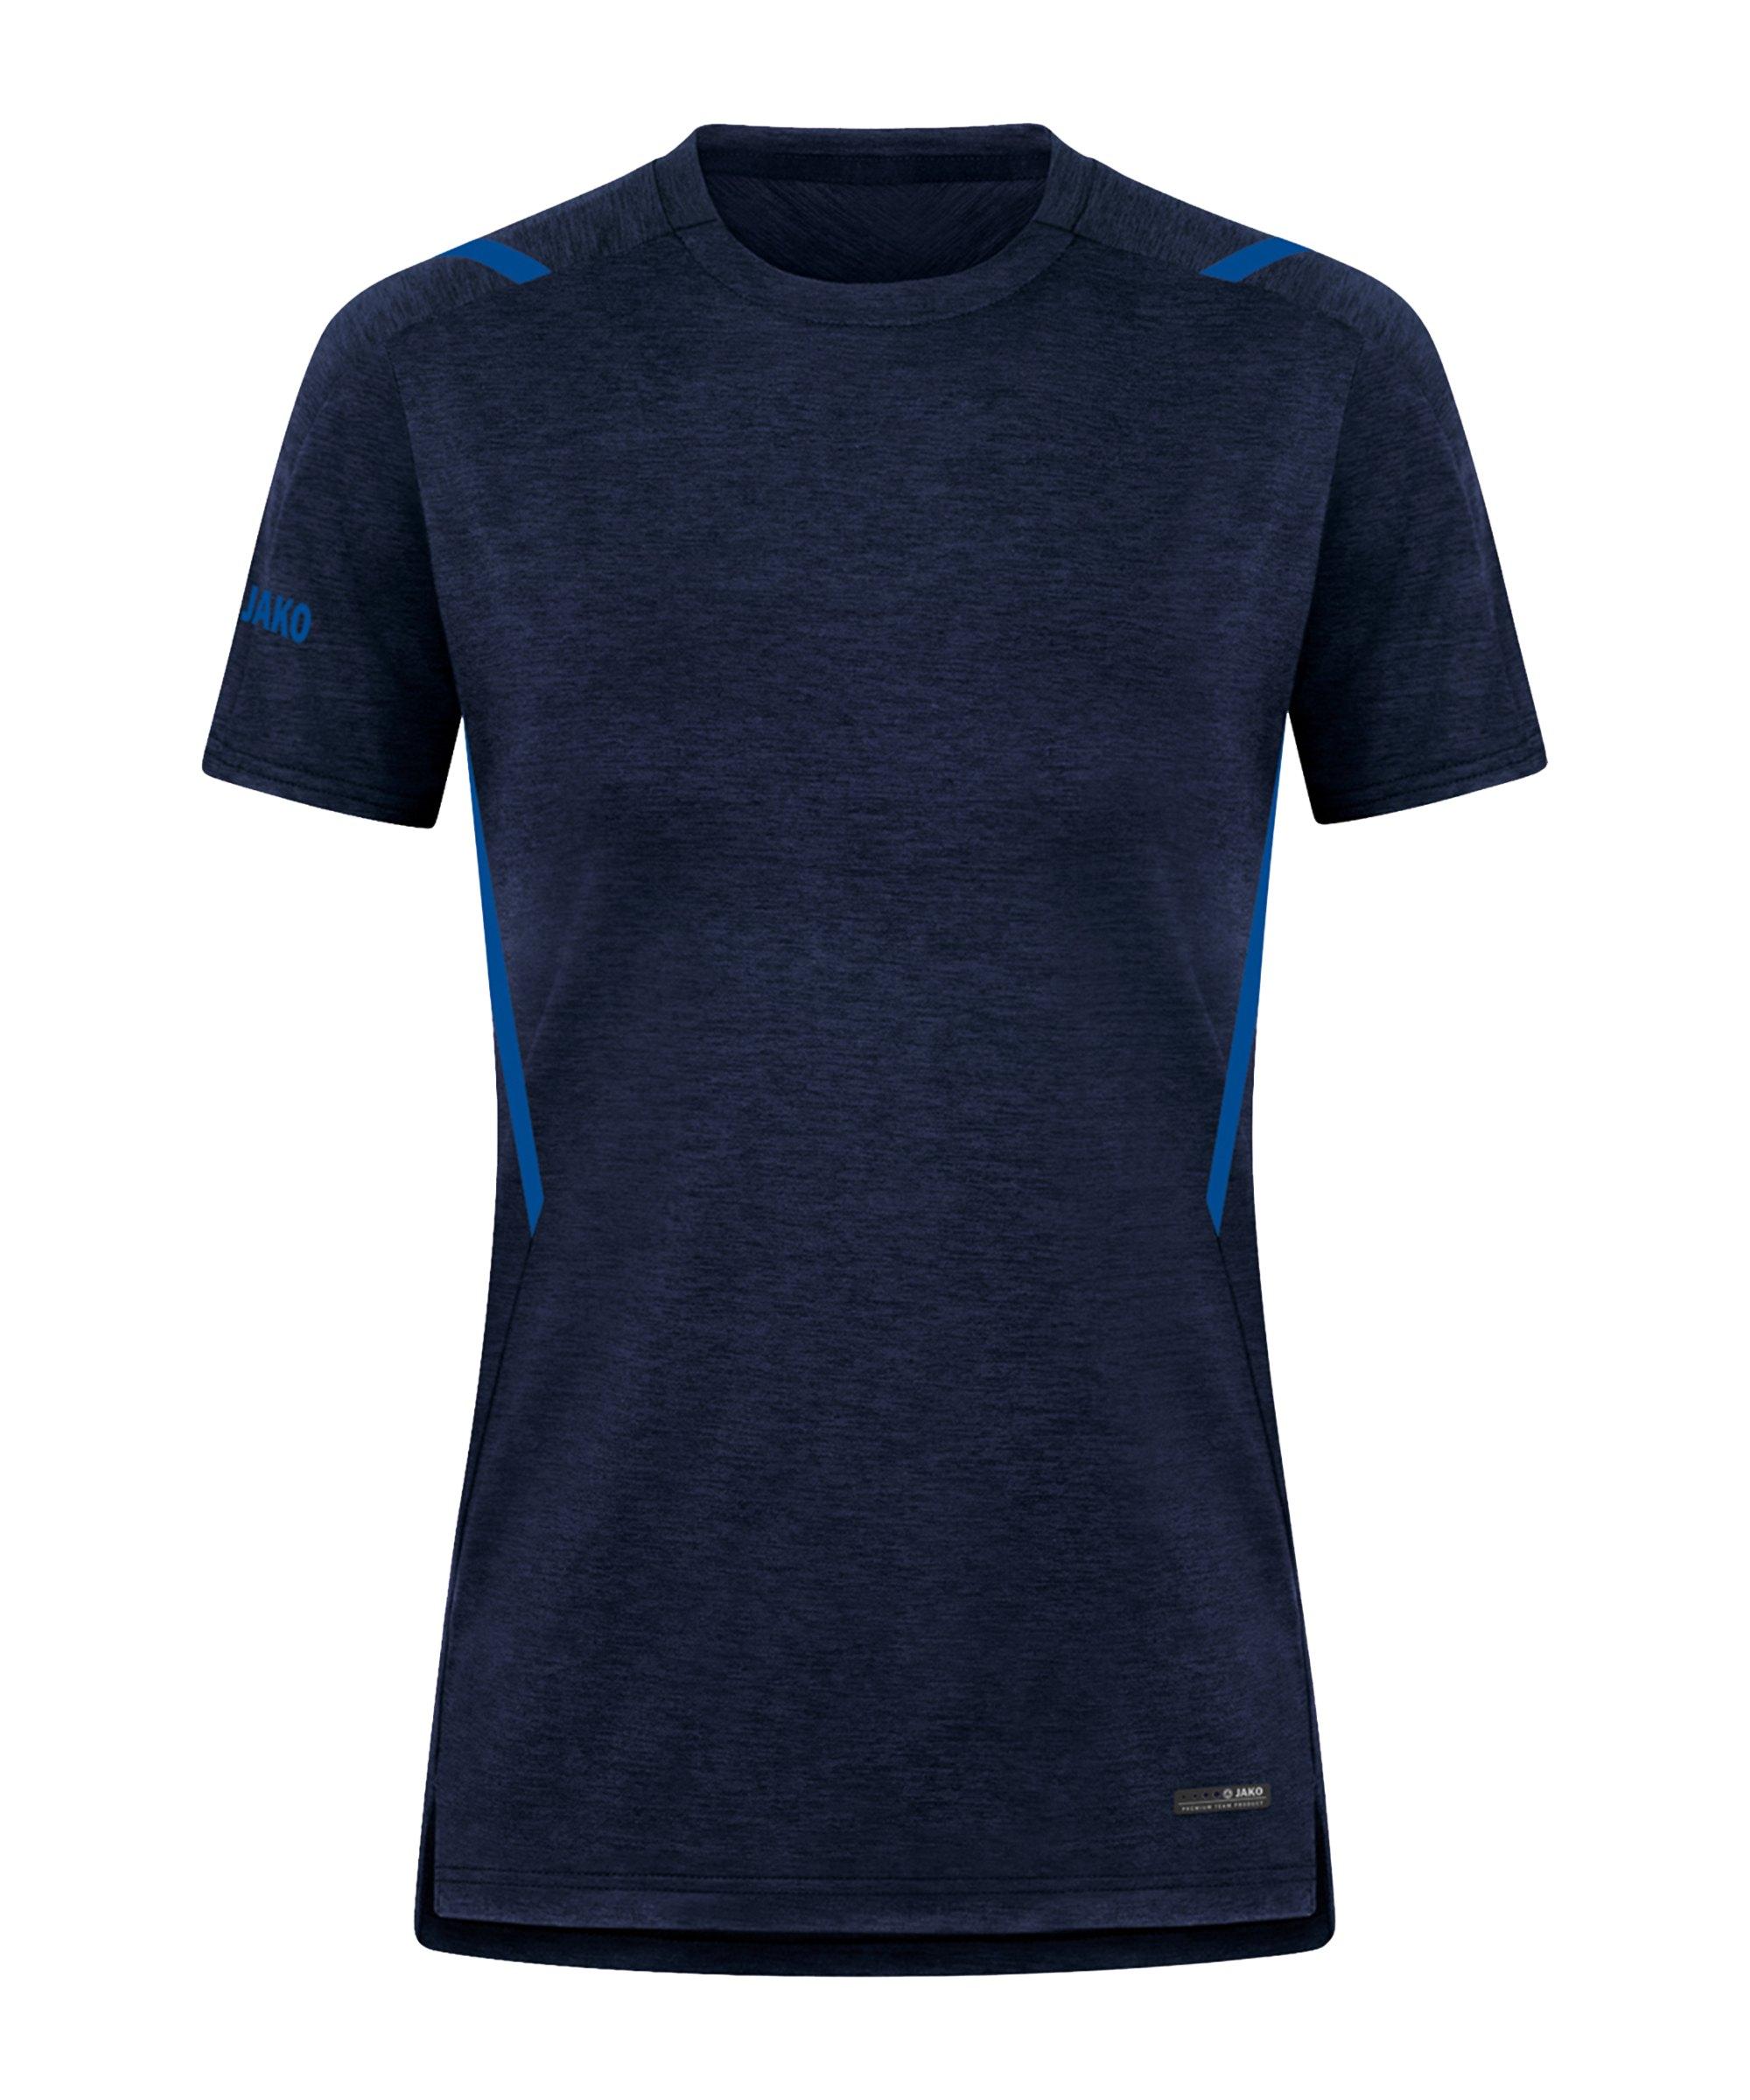 JAKO Challenge Freizeit T-Shirt Damen F511 - blau